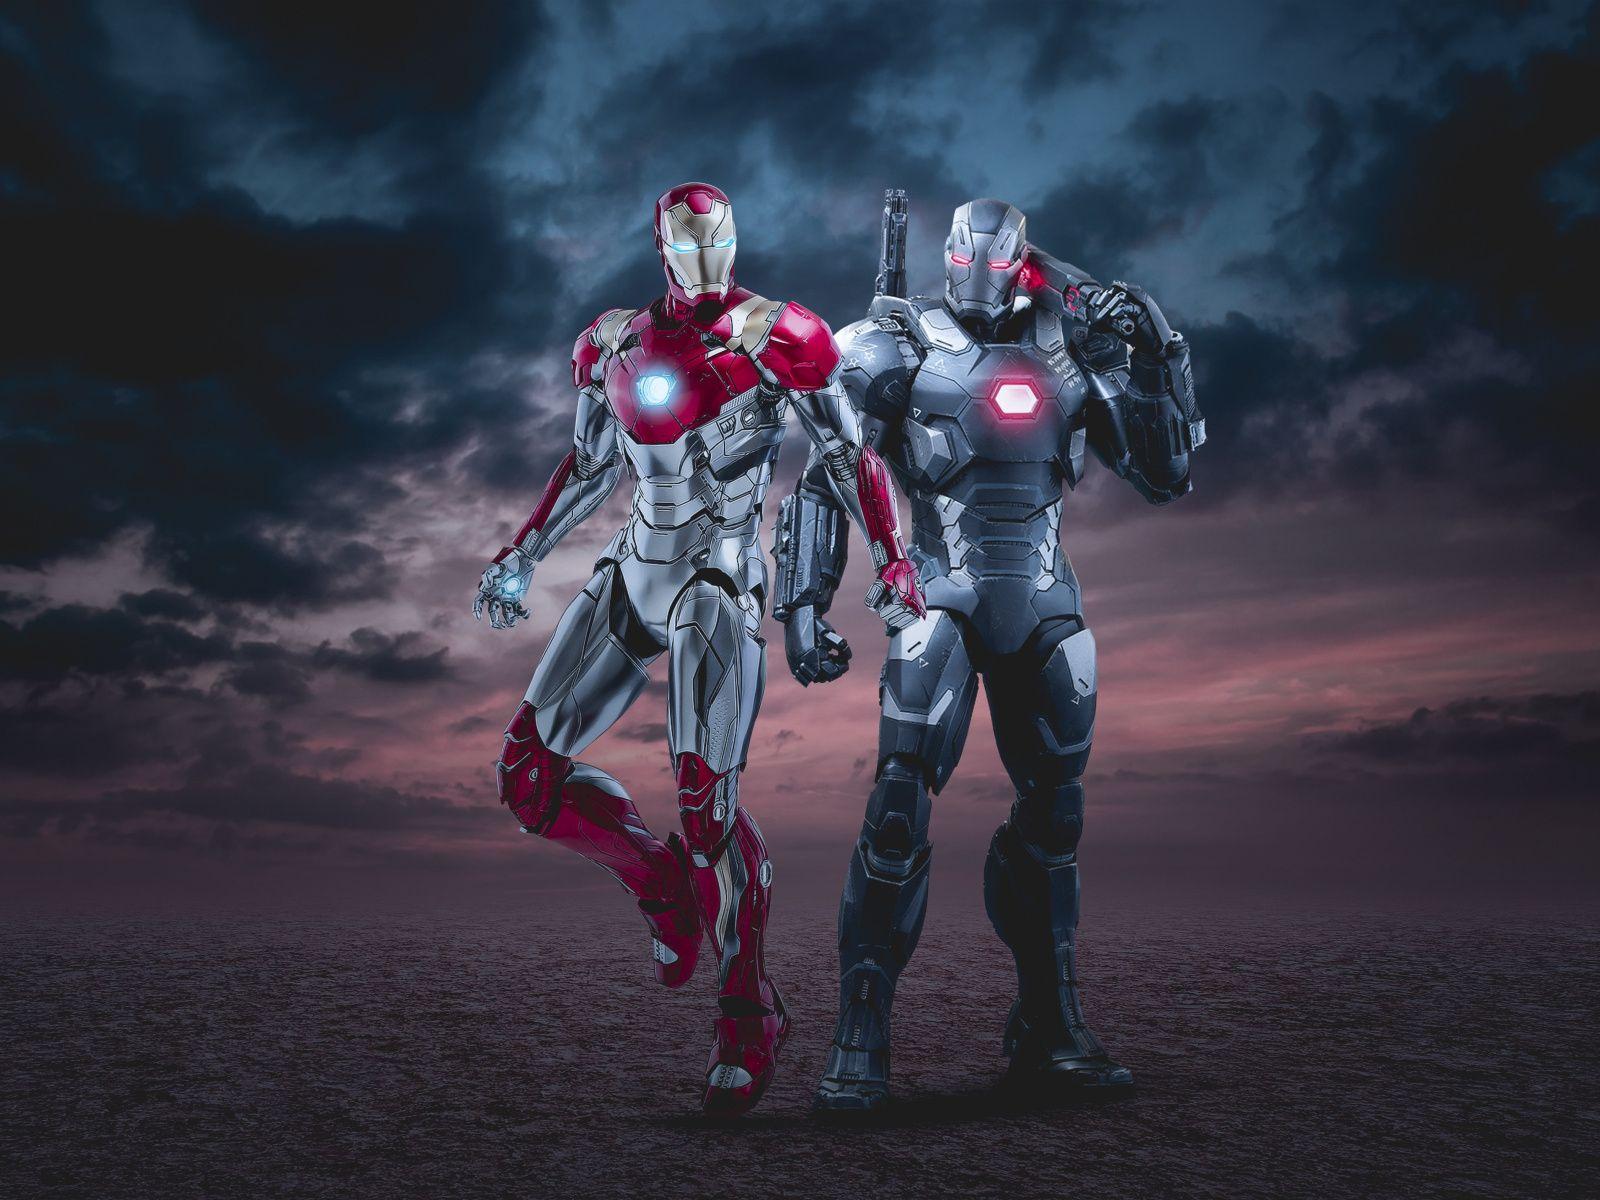 Download 1600x1200 Wallpaper War Machine And Iron Man Marvel Superheroes Art Standard 4 3 Fullscreen War Machine Wallpaper Iron Man Wallpapers War Machine